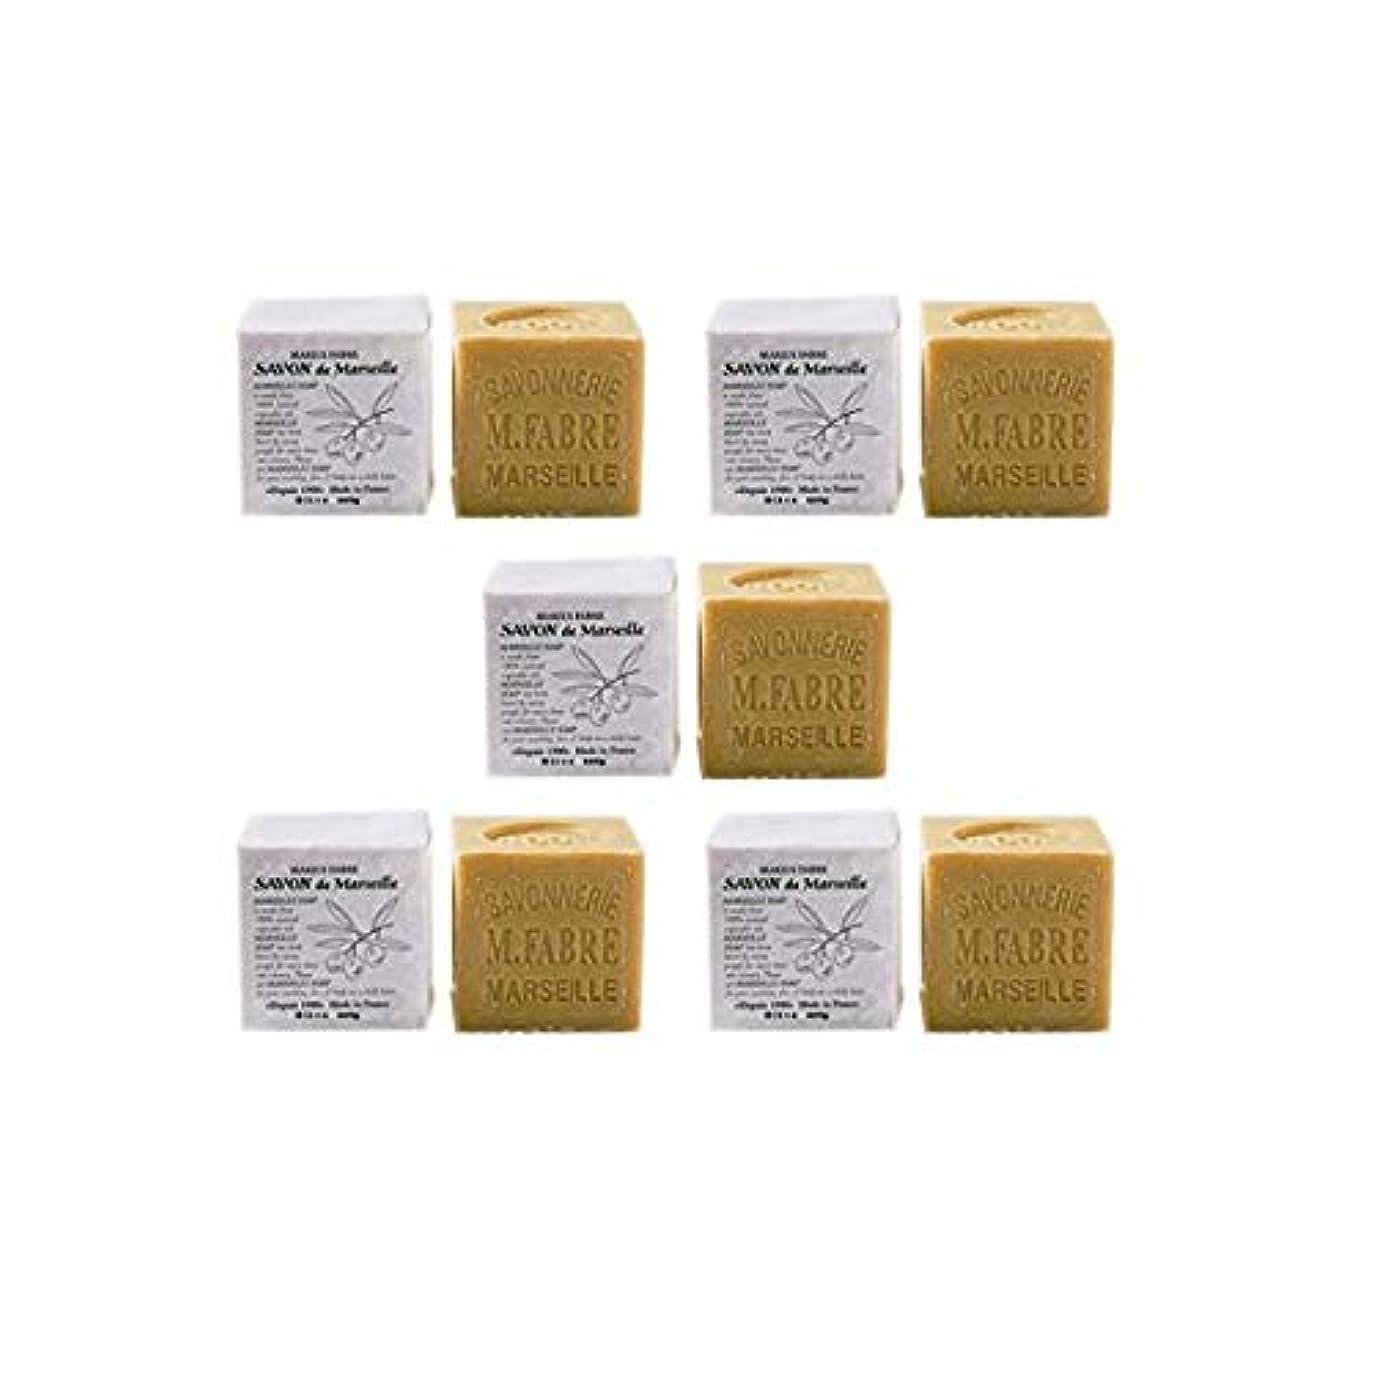 パッチノート動かすマリウスファーブルジューン サボンドマルセイユ無香料200gオリーブN 5個セット(200g×5個)無添加オリーブ石鹸